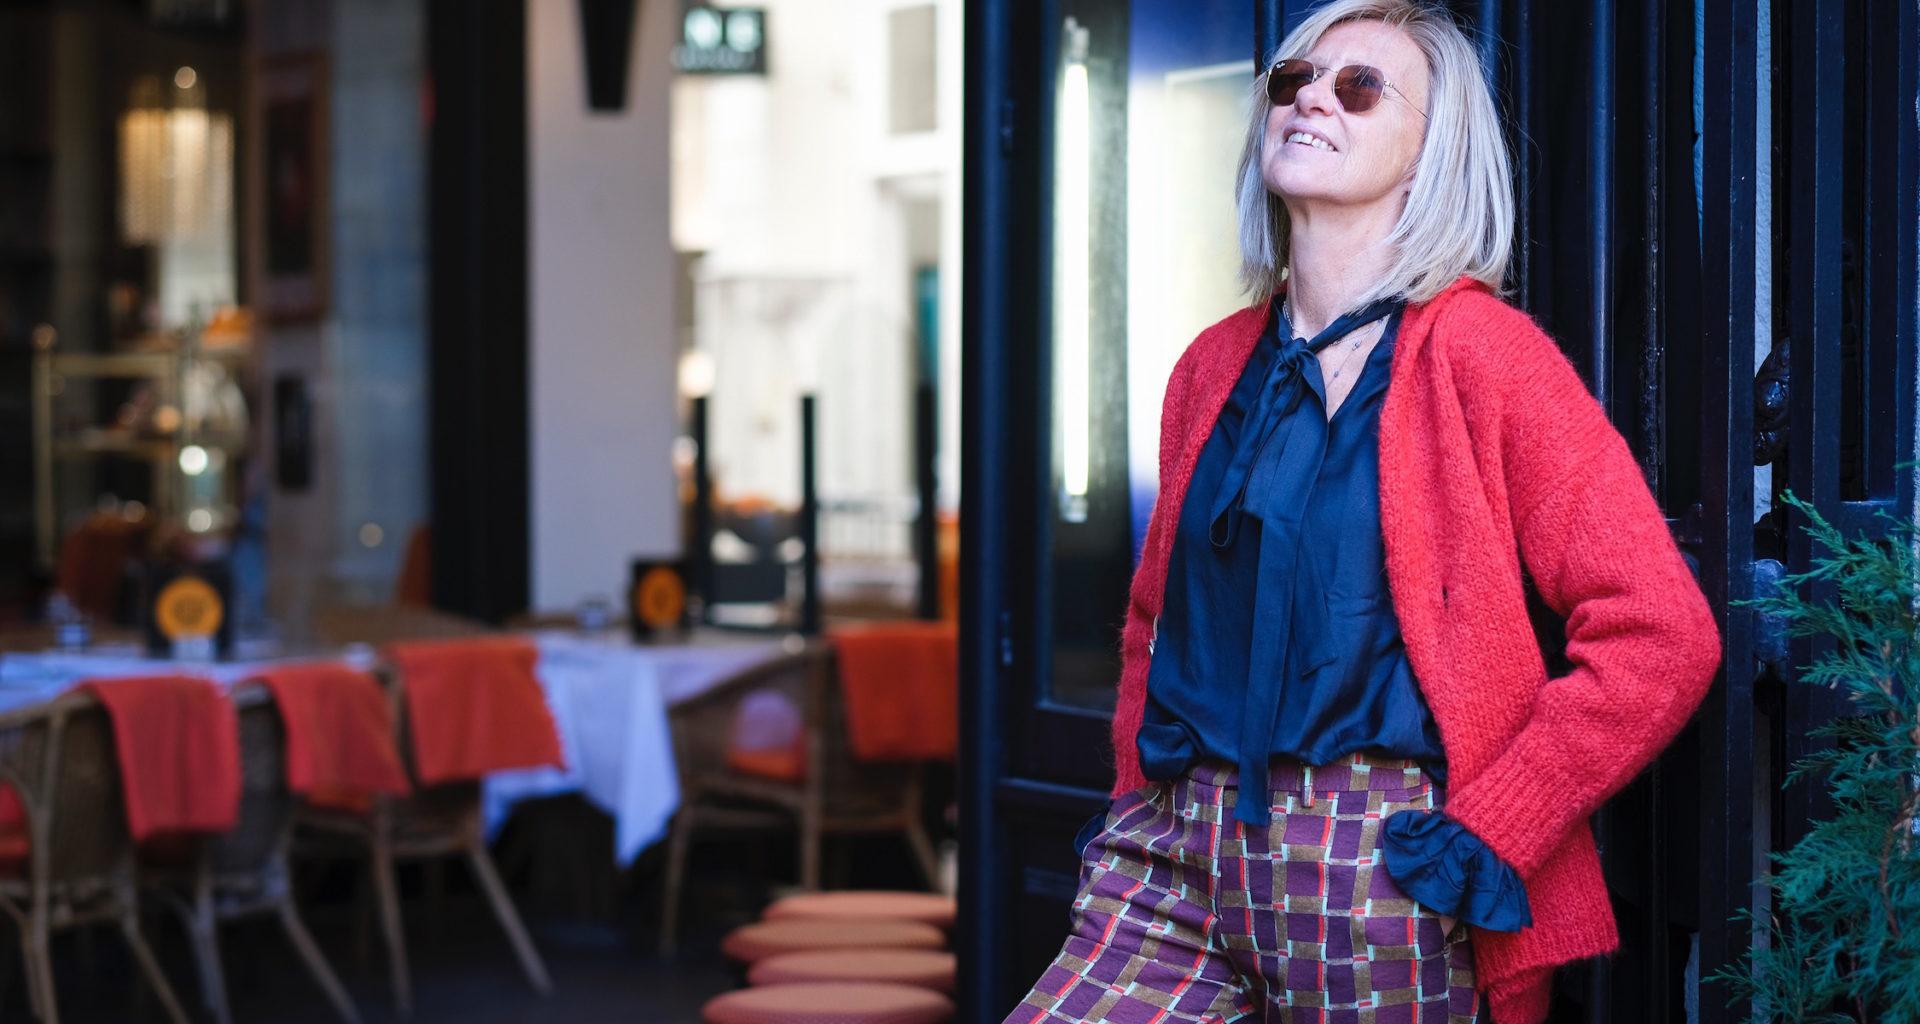 L'interêt de porter des couleurs vives en automne